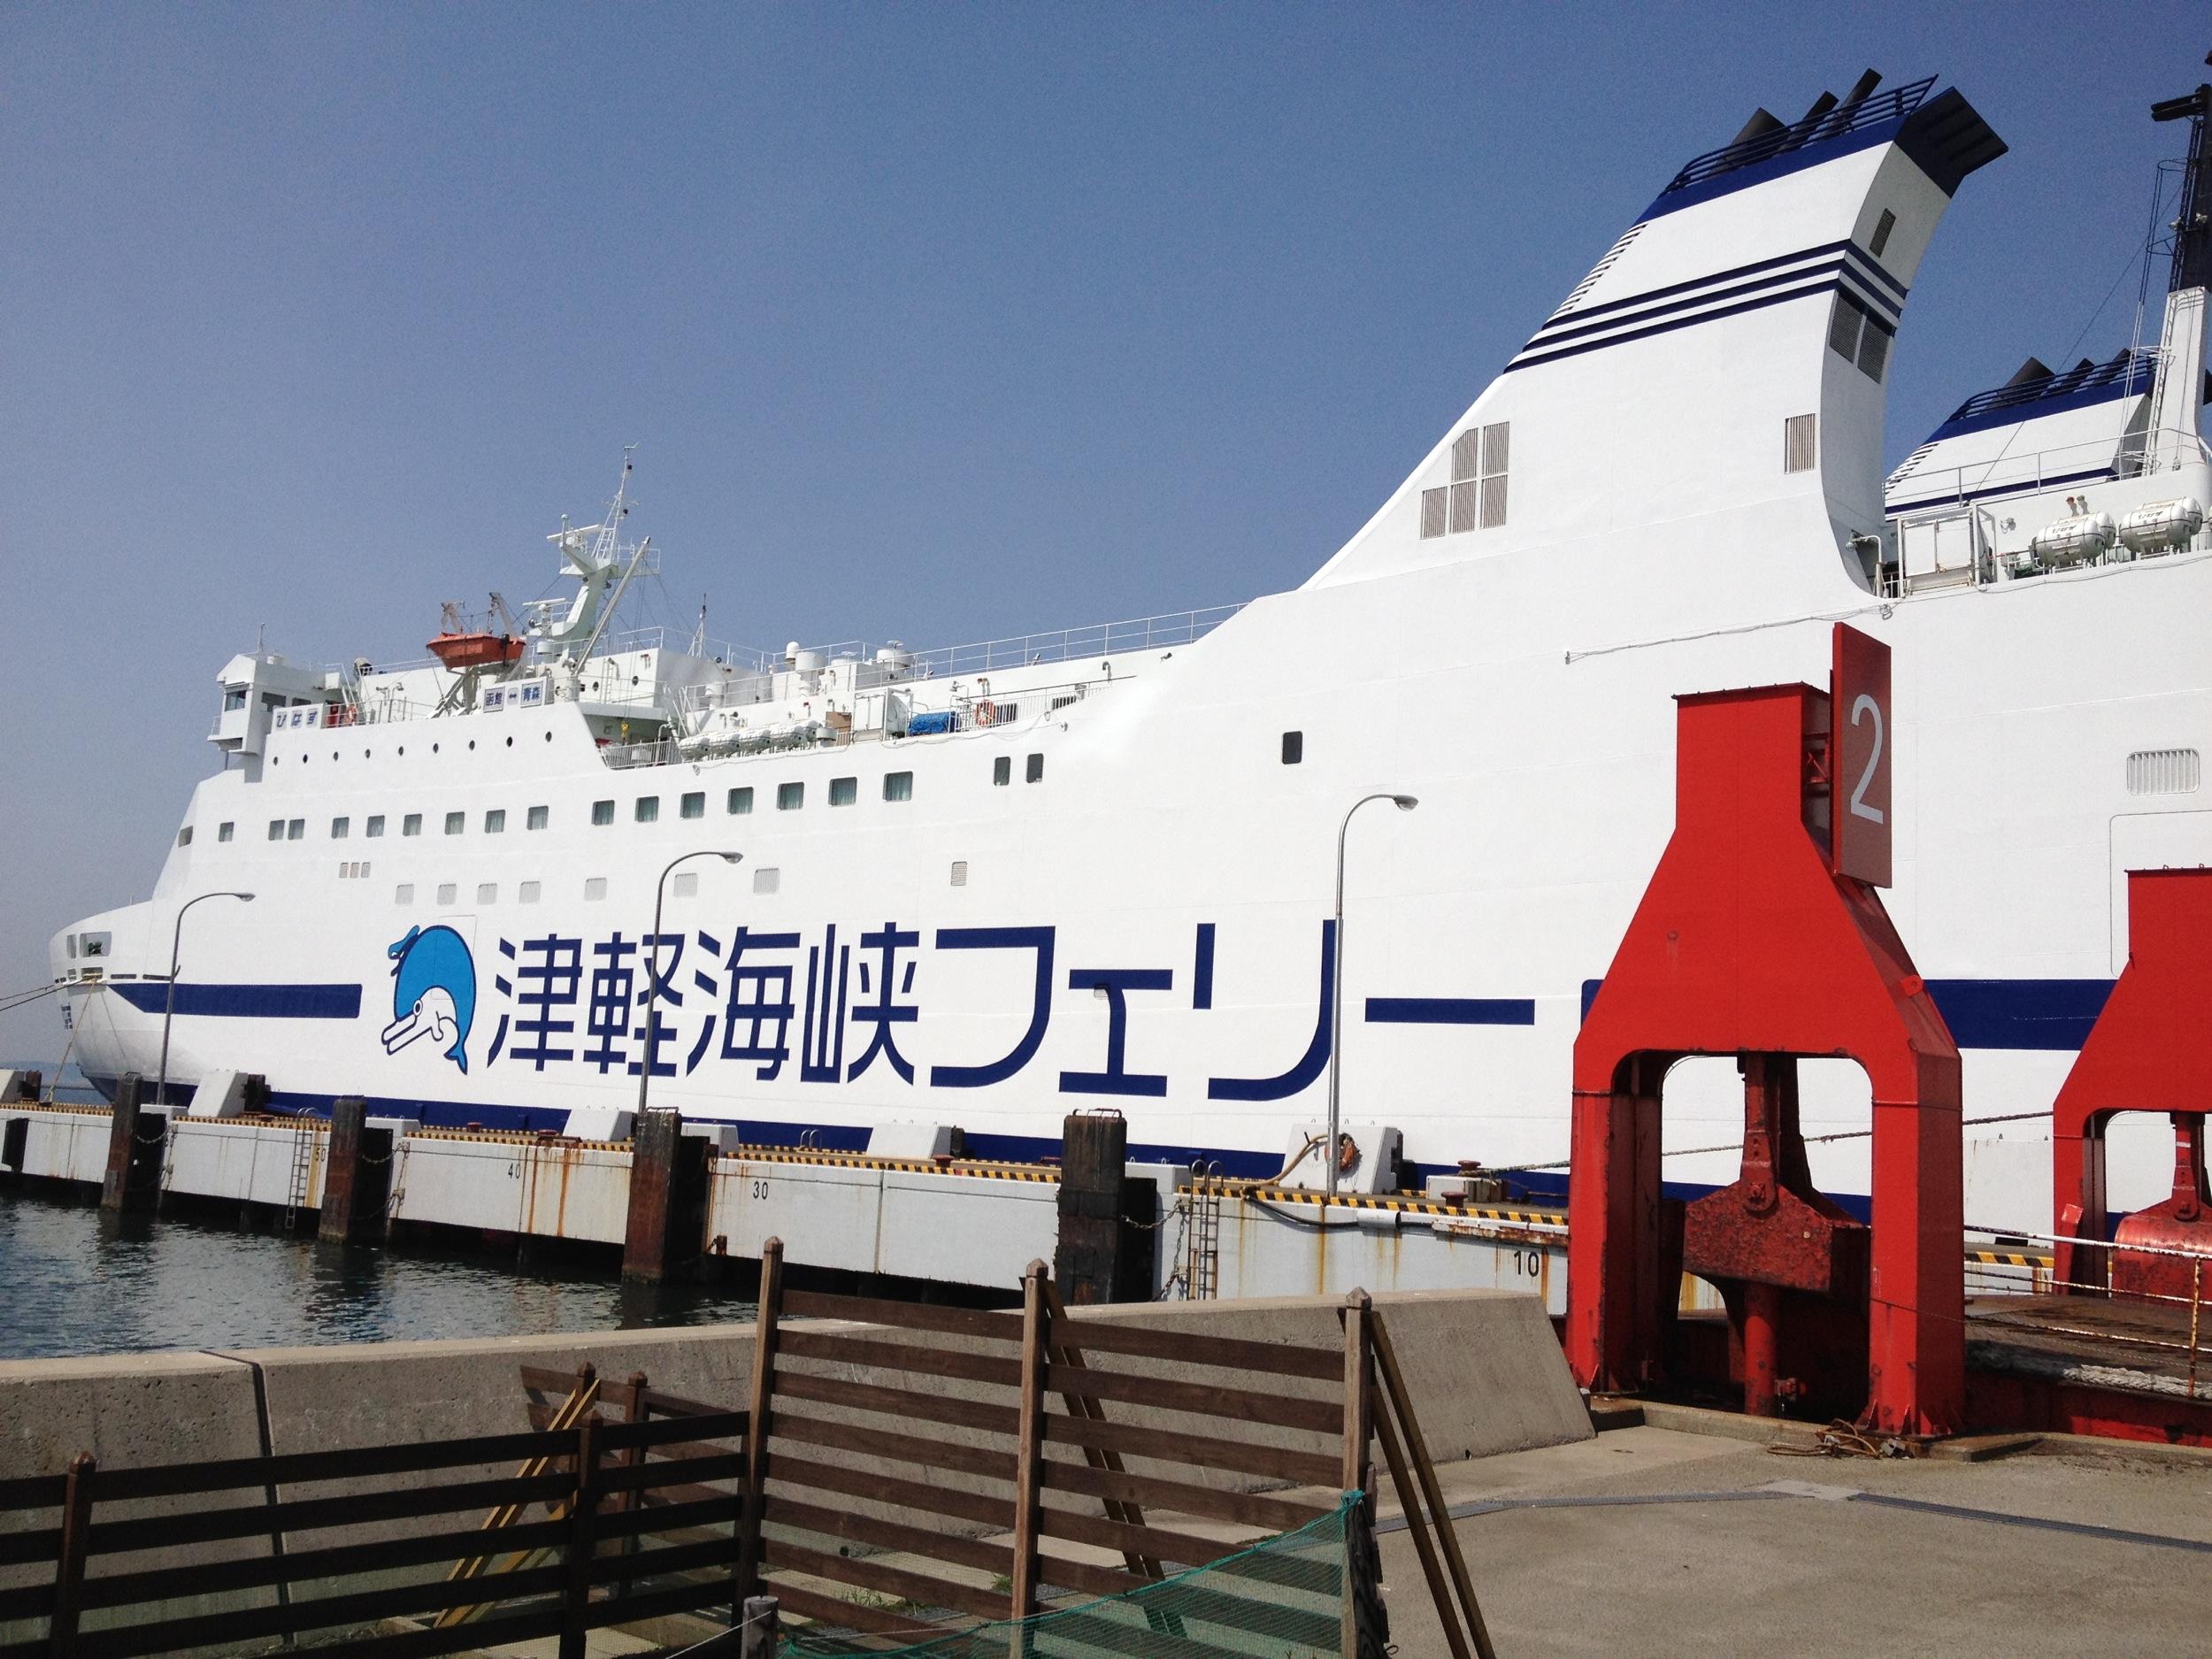 表 フェリー 津軽 海峡 時刻 津軽海峡フェリー